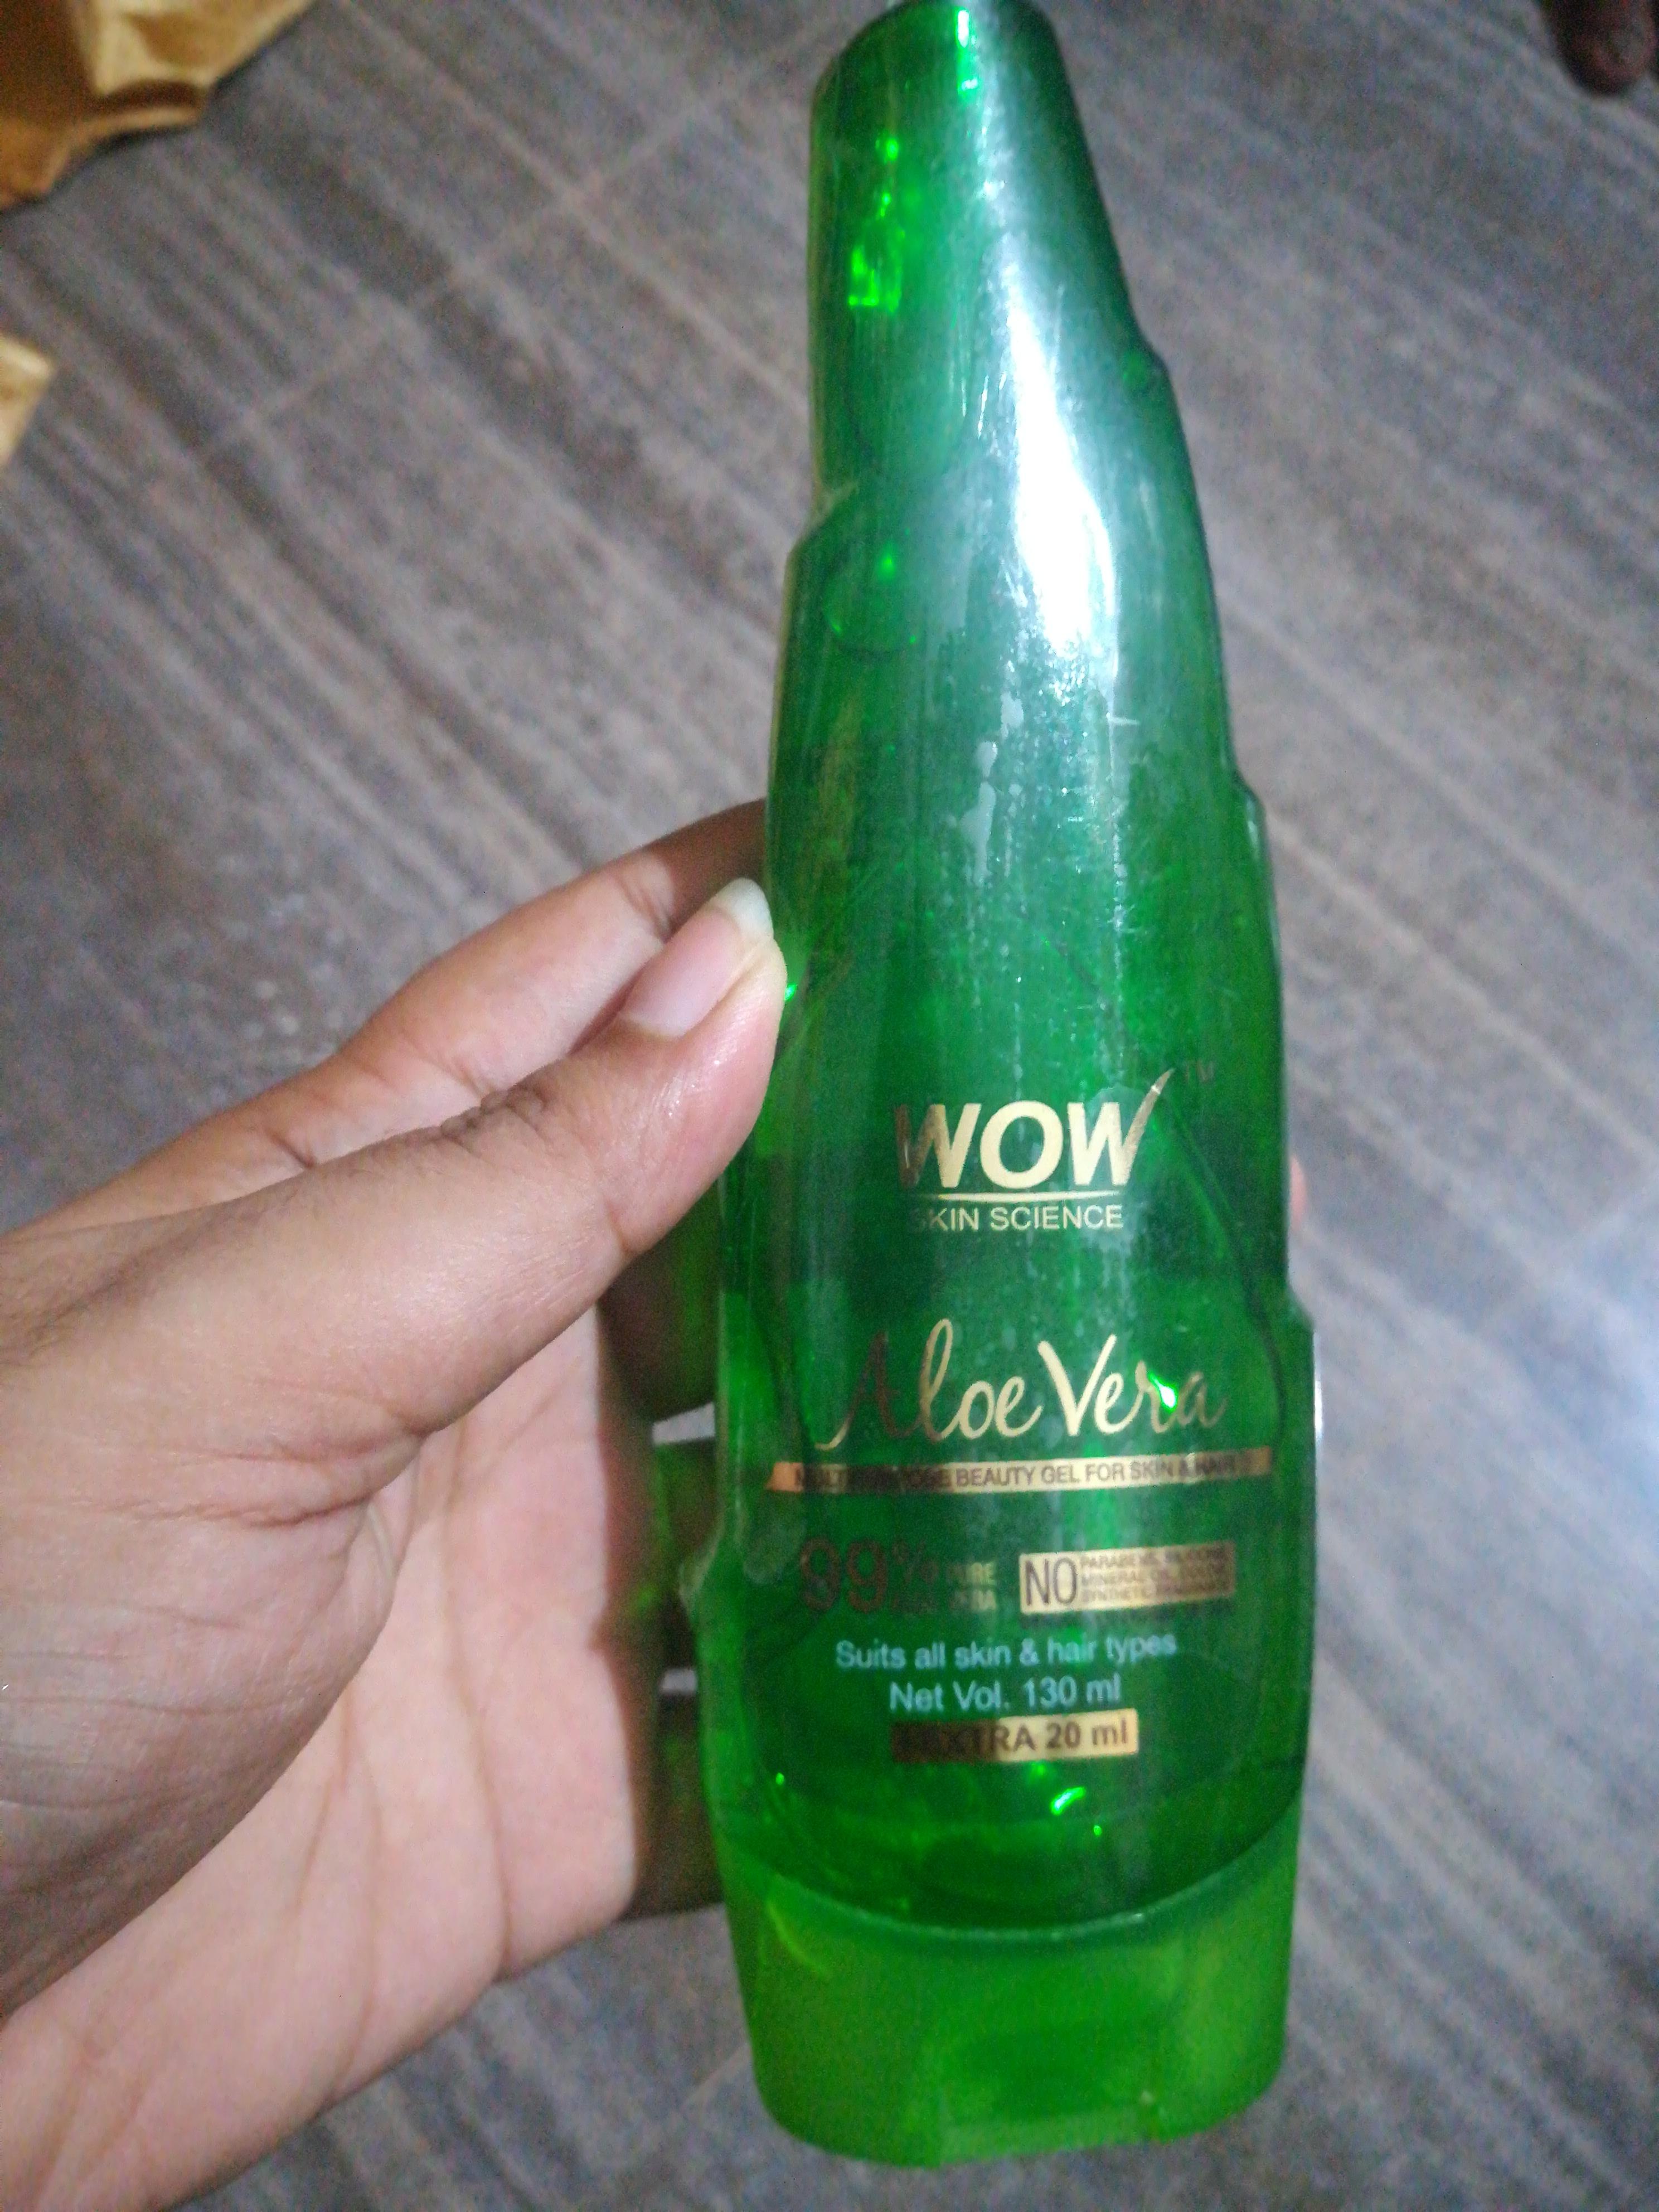 WOW Skin Science Aloe Vera Gel -Best aloe vera gel-By vaishnavi11